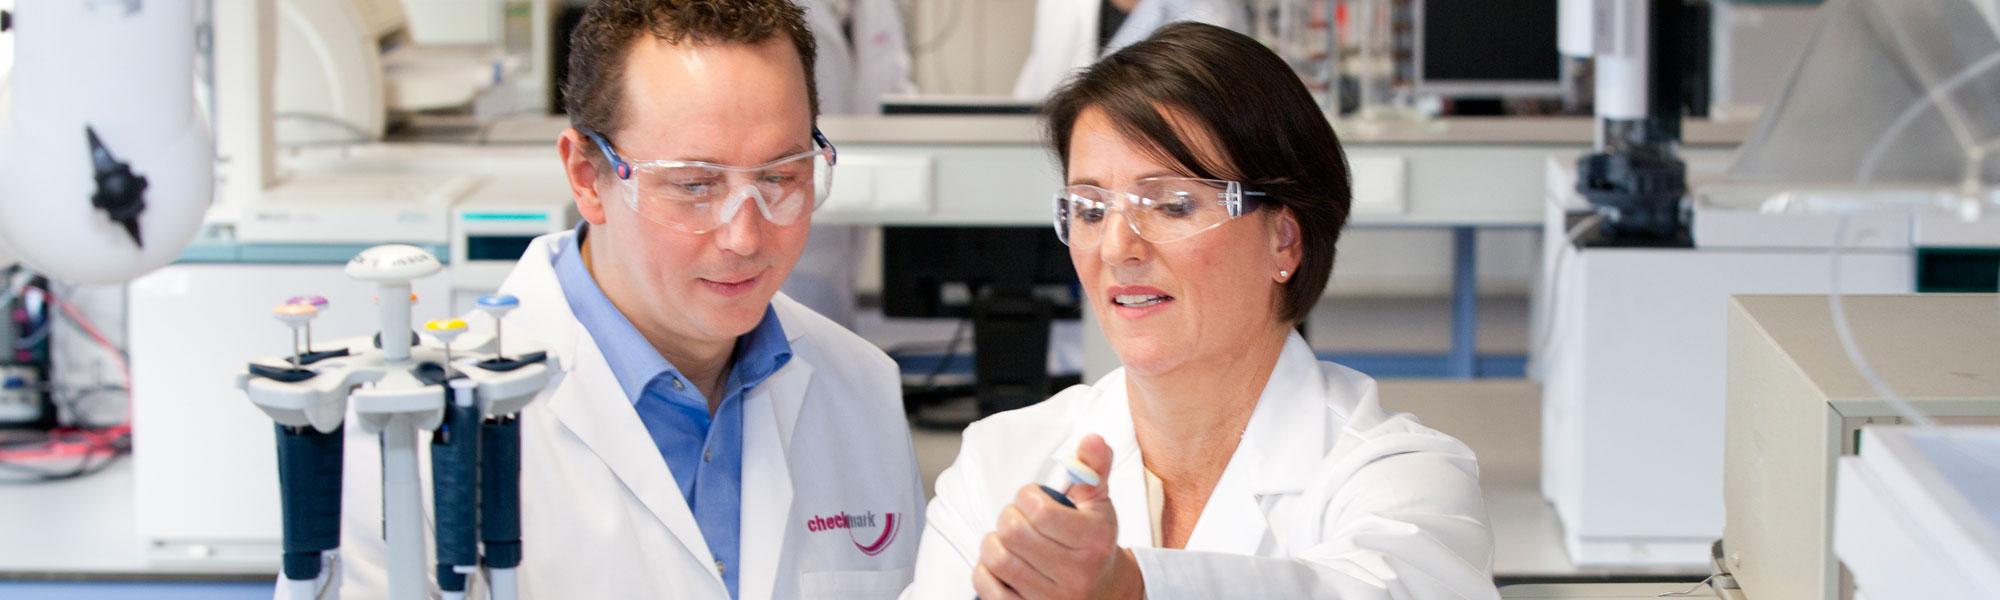 vacatures analist chemie